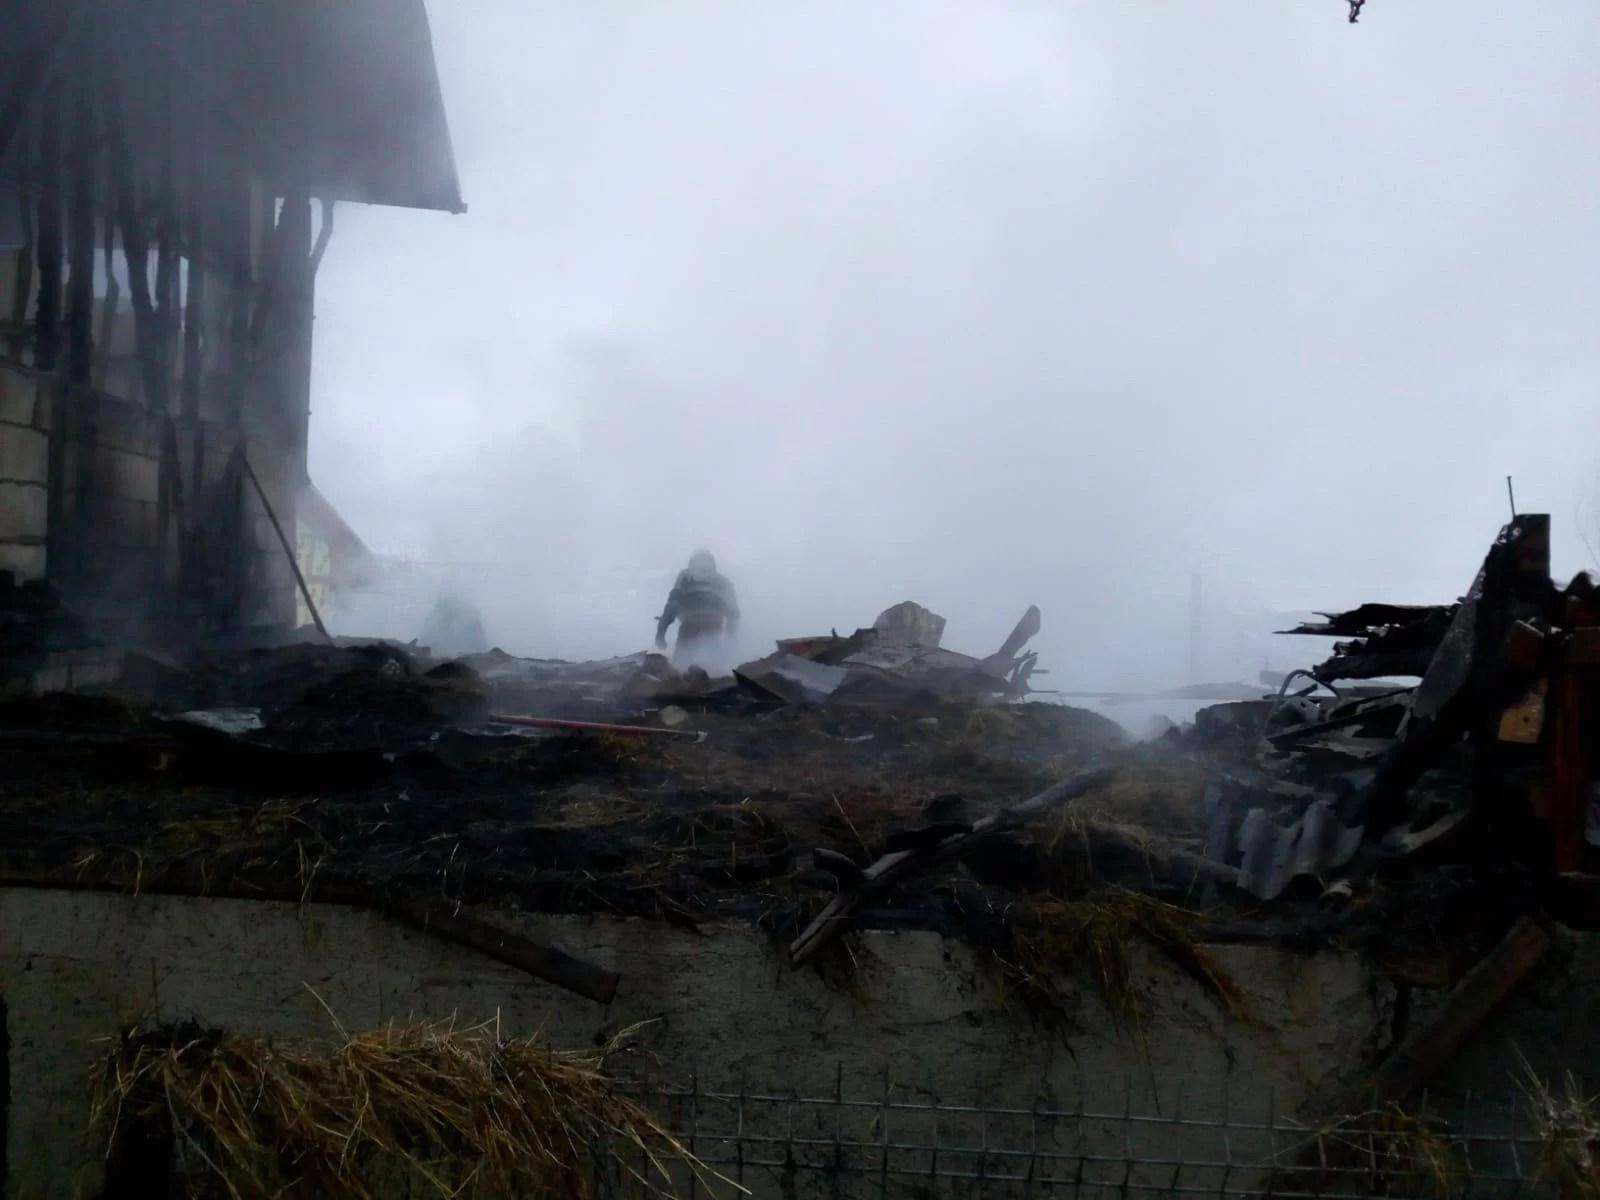 Bărbat cu probleme locomotorii, mort în incendiu într-o comună prahoveană